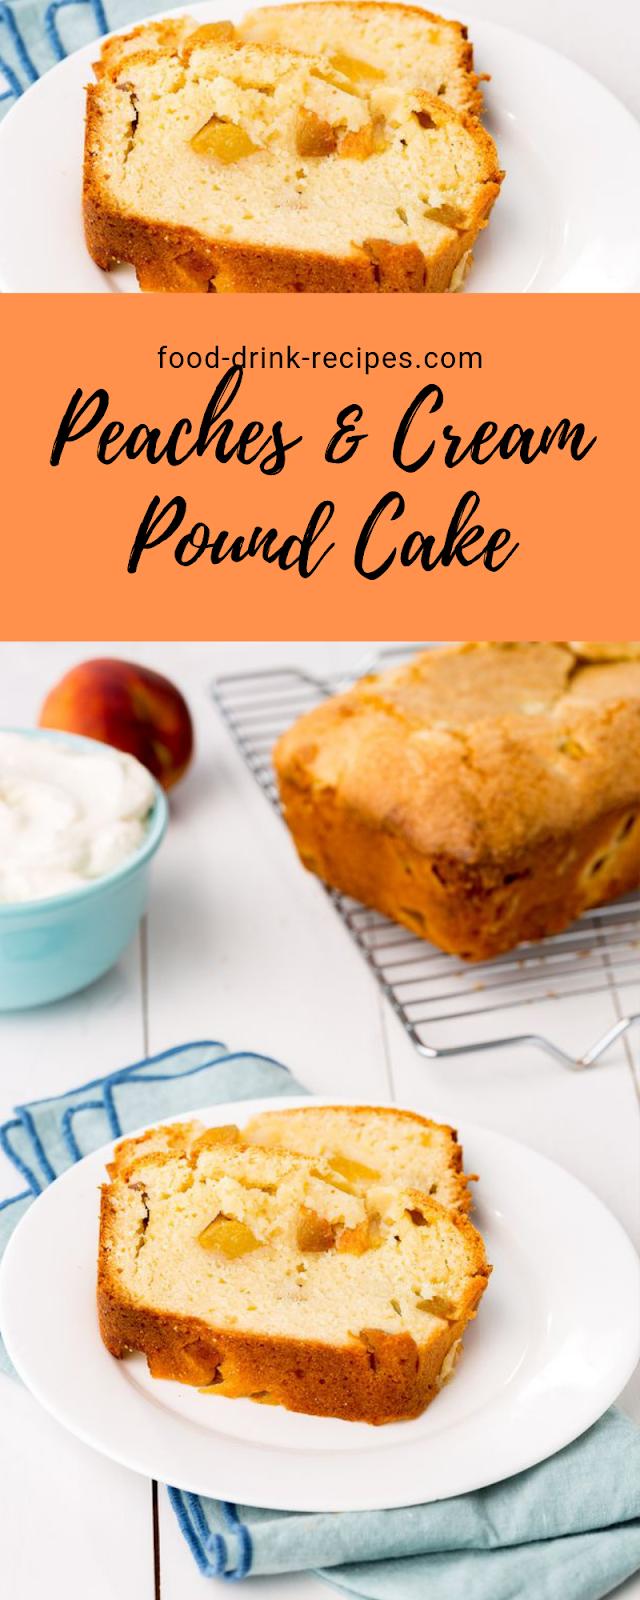 Peaches & Cream Pound Cake - food-drink-recipes.com